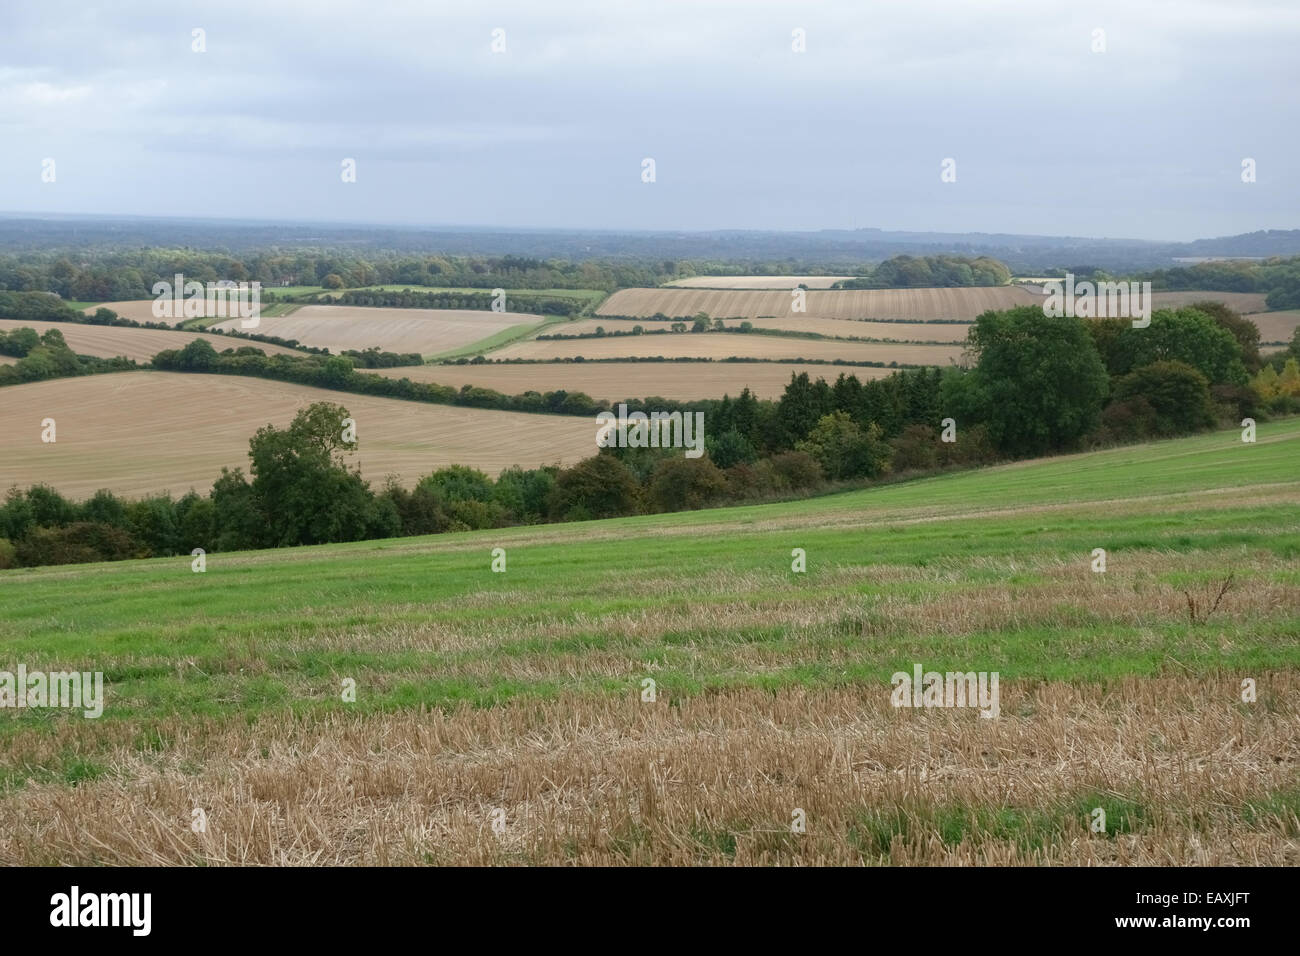 Weizen Stoppeln mit einigen Pflanzen und Unkraut regrowth im frühen Herbst, Berkshire, September Stockbild